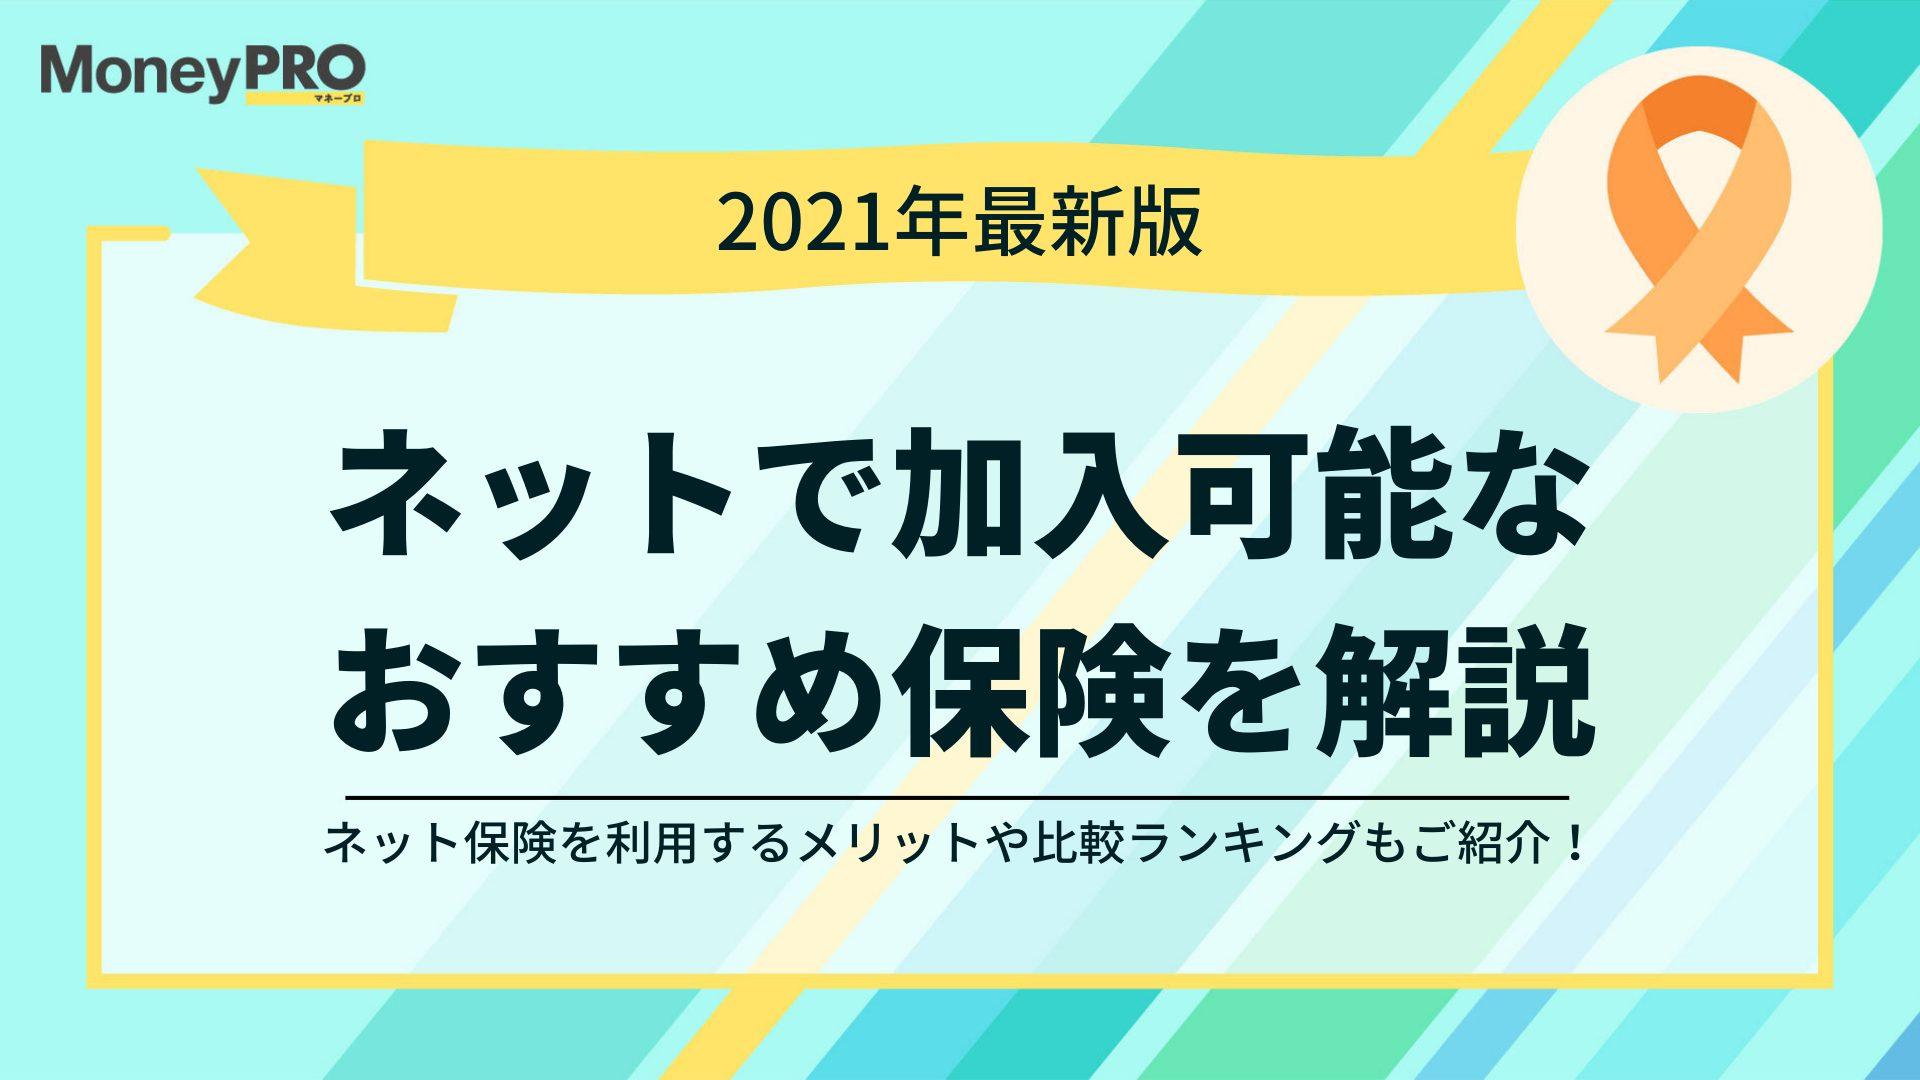 【徹底比較】ネット保険おすすめ人気ランキング8選!特徴も解説!